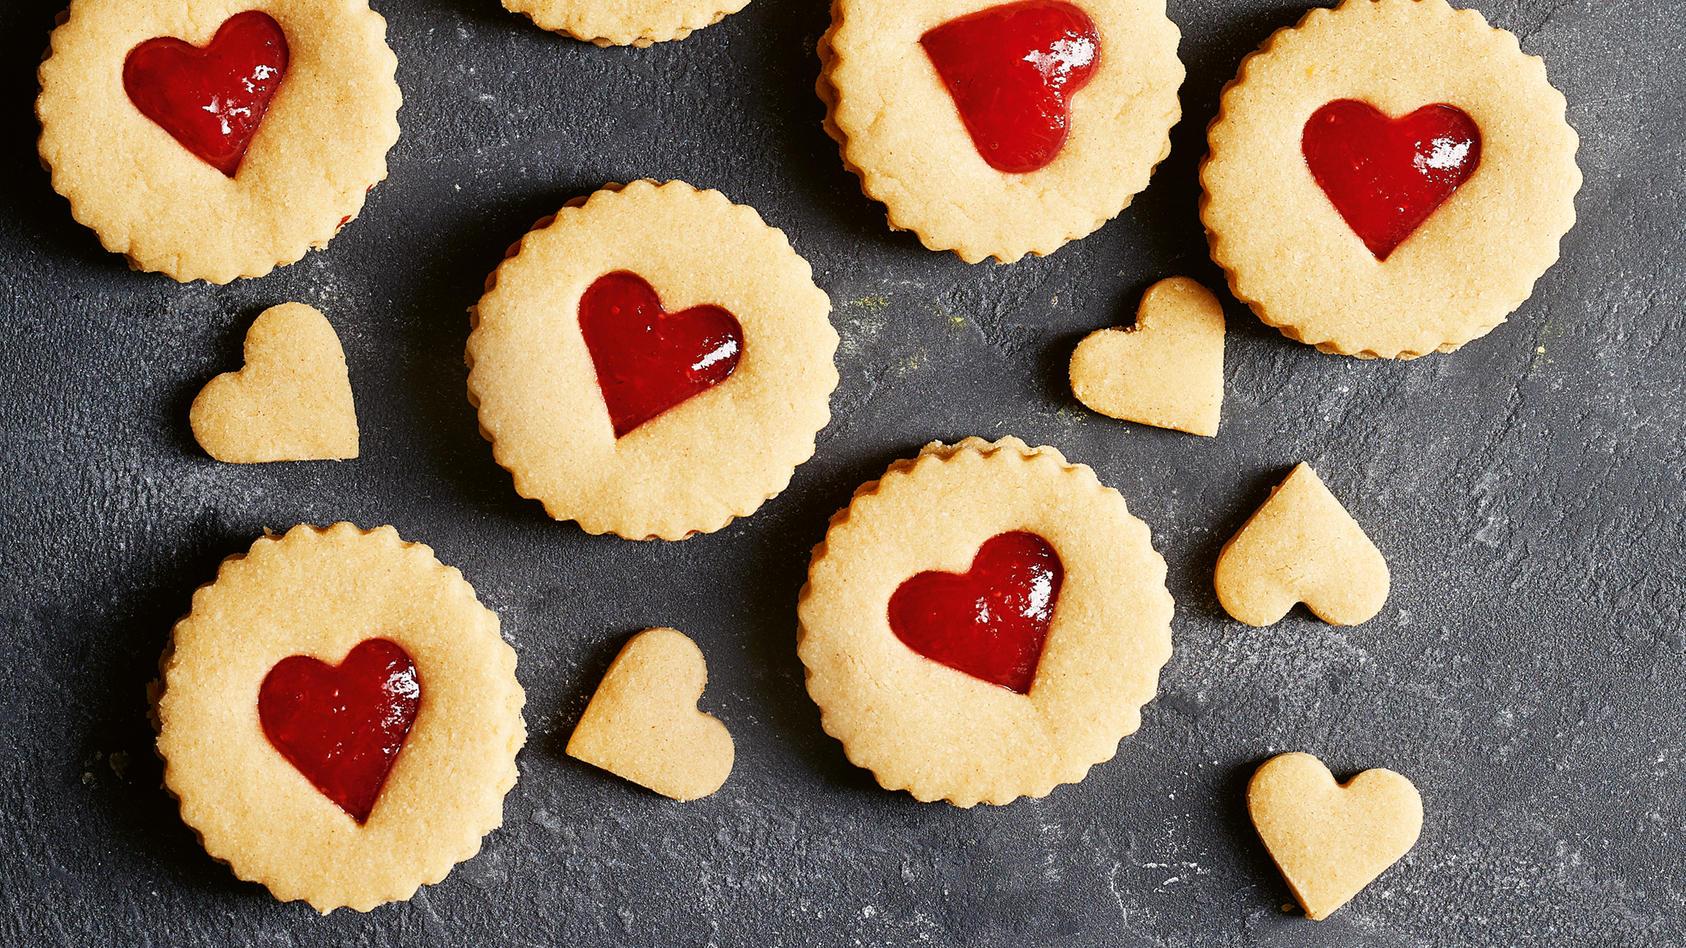 Süße Ausstechplätzchen ohne weißen Zucker nach dem Rezept von Lena Merz und Annina Schäflein